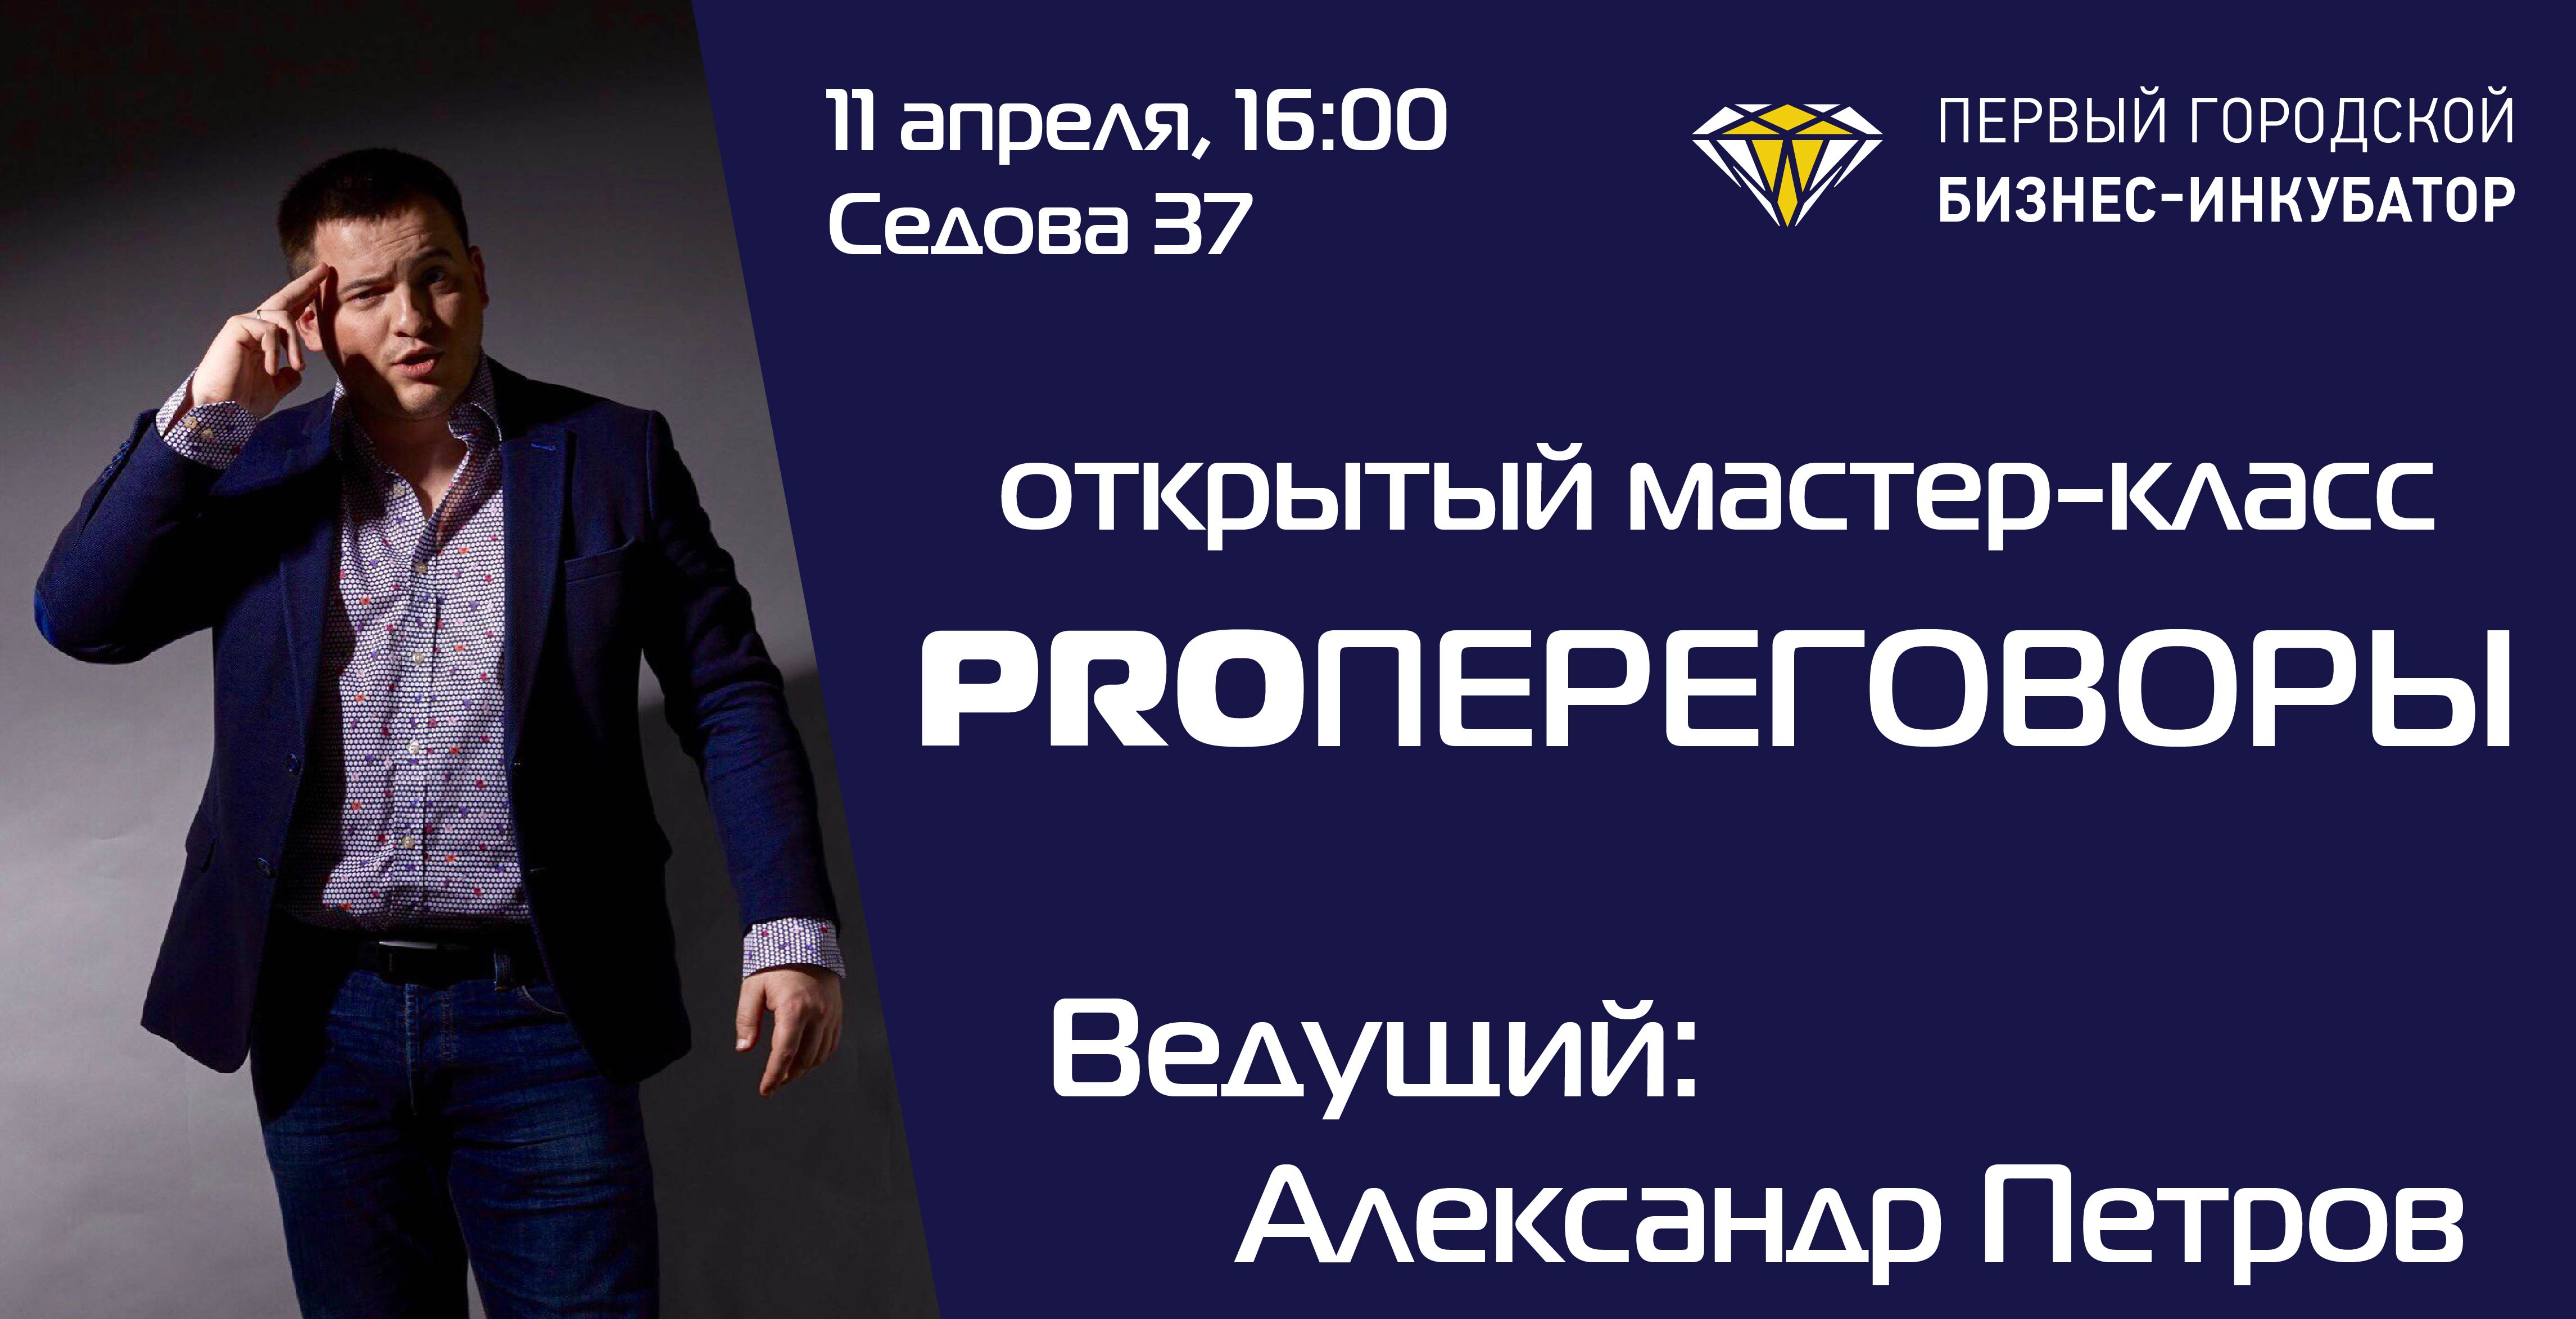 Бесплатный мастер-класс «PRO переговоры», 11 апреля